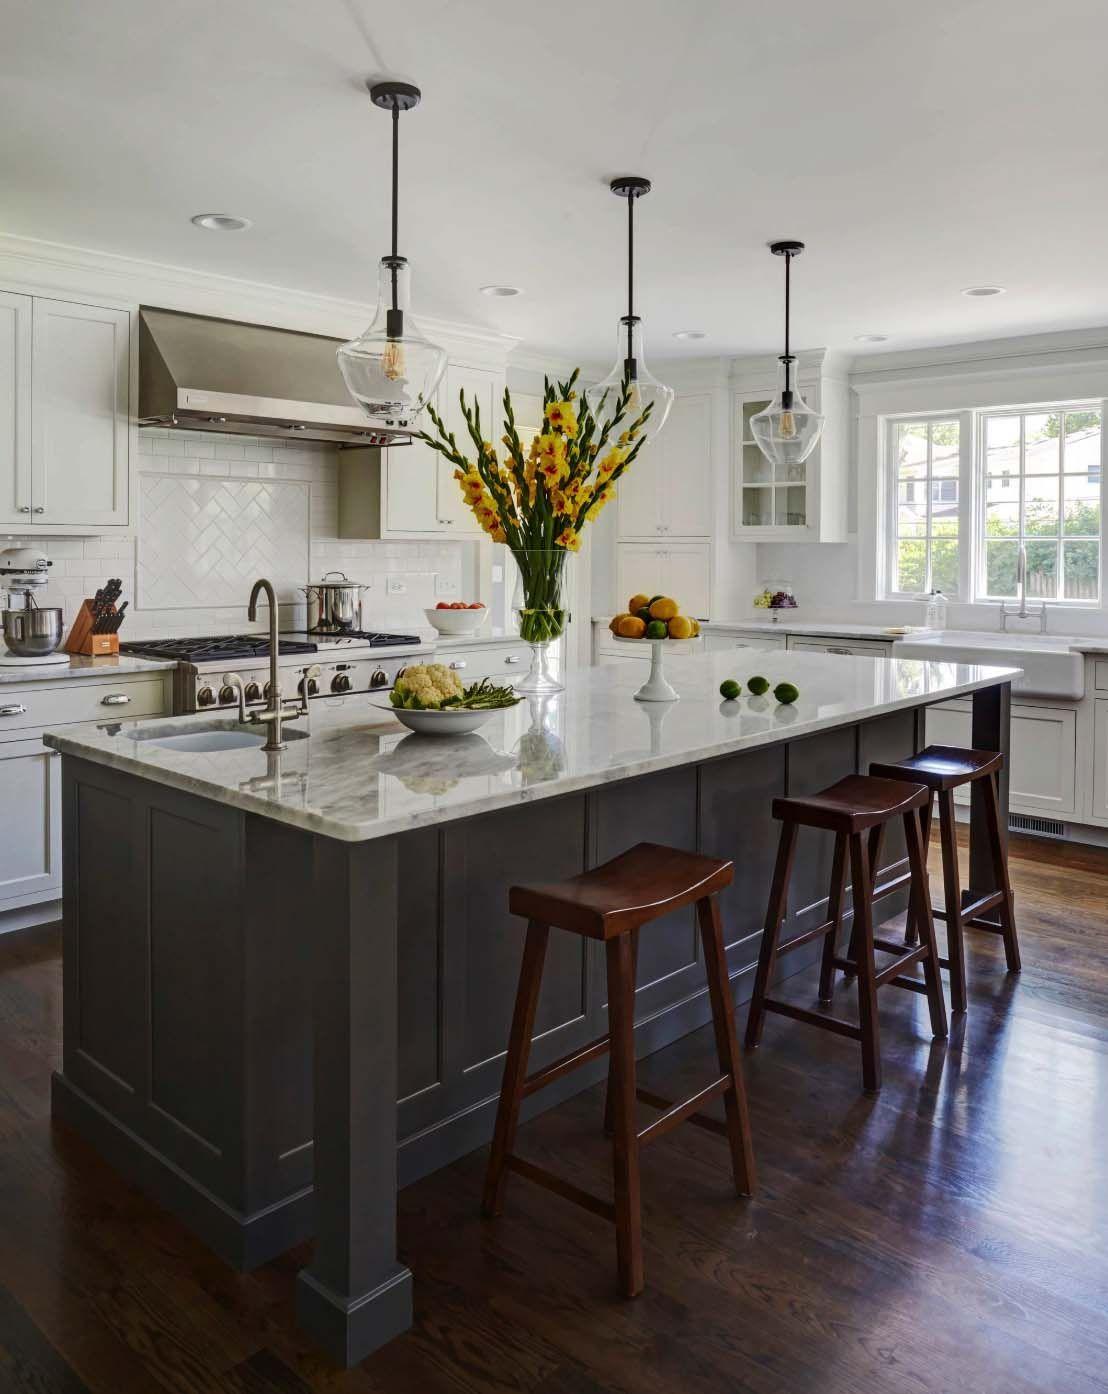 Transitional Style Kitchen Ideas